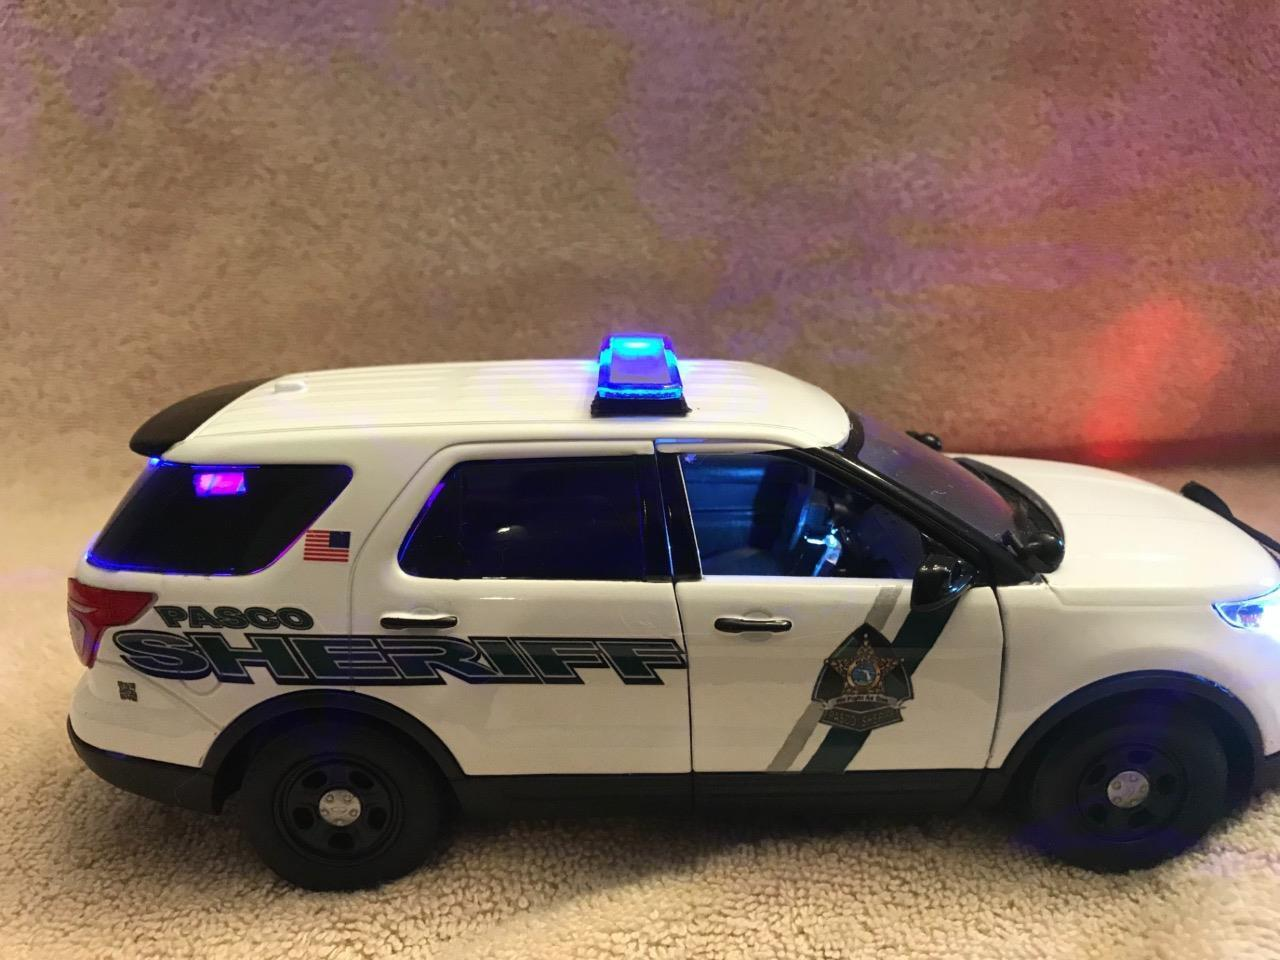 la red entera más baja Escala 1 24 alguaciles del condado de Pasco Dept Dept Dept Ford Sport Utility Vehicle con luces y sirena de trabajo  orden en línea